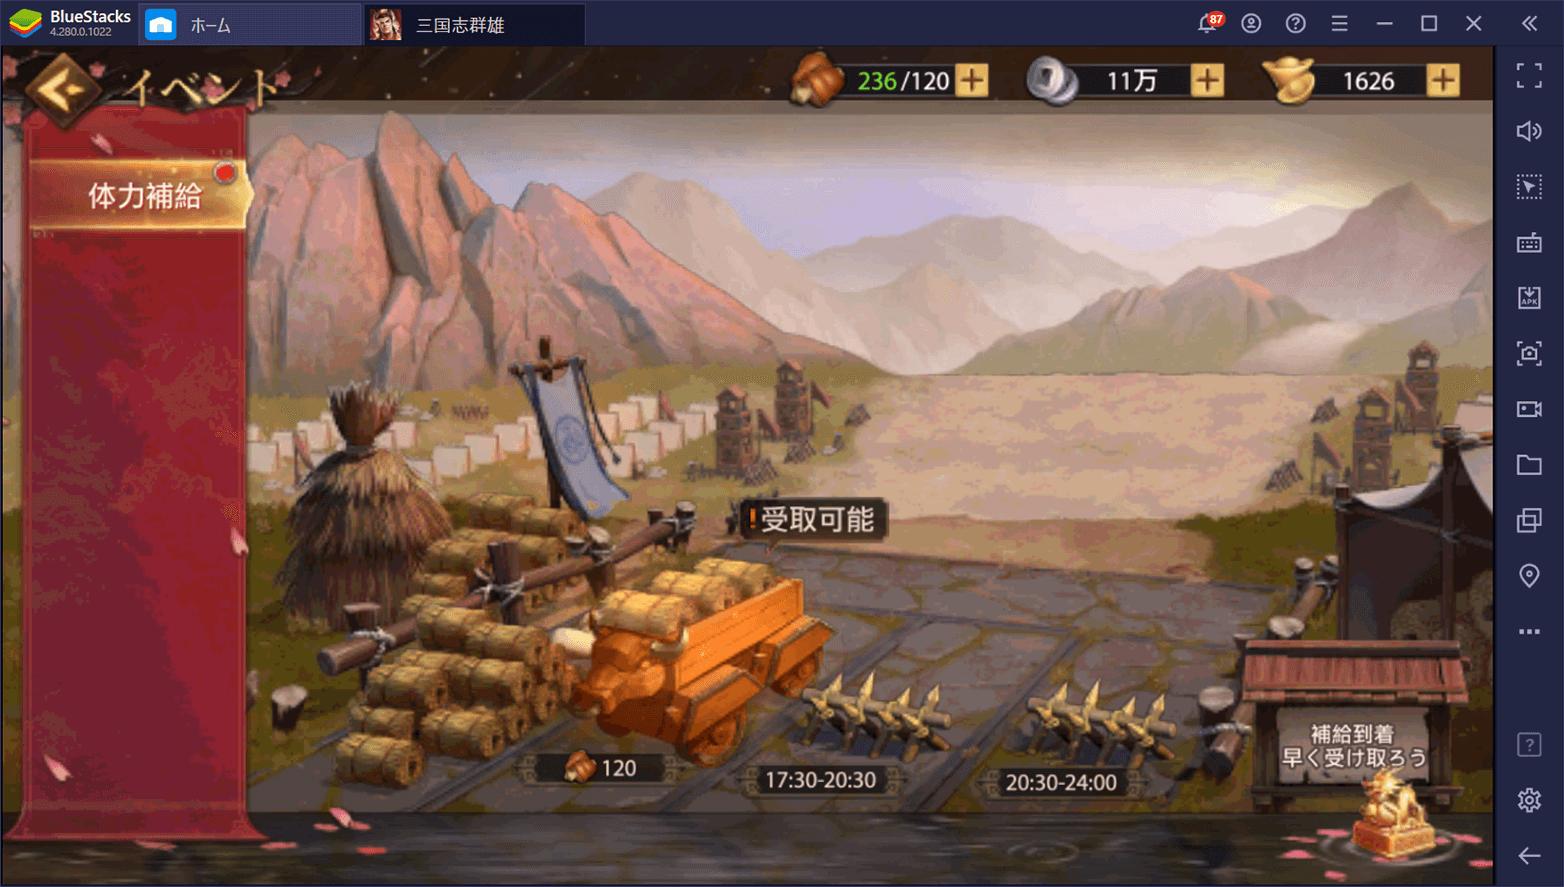 BlueStacks:『三国志群雄 本格三国RPG』初心者向け攻略ガイド